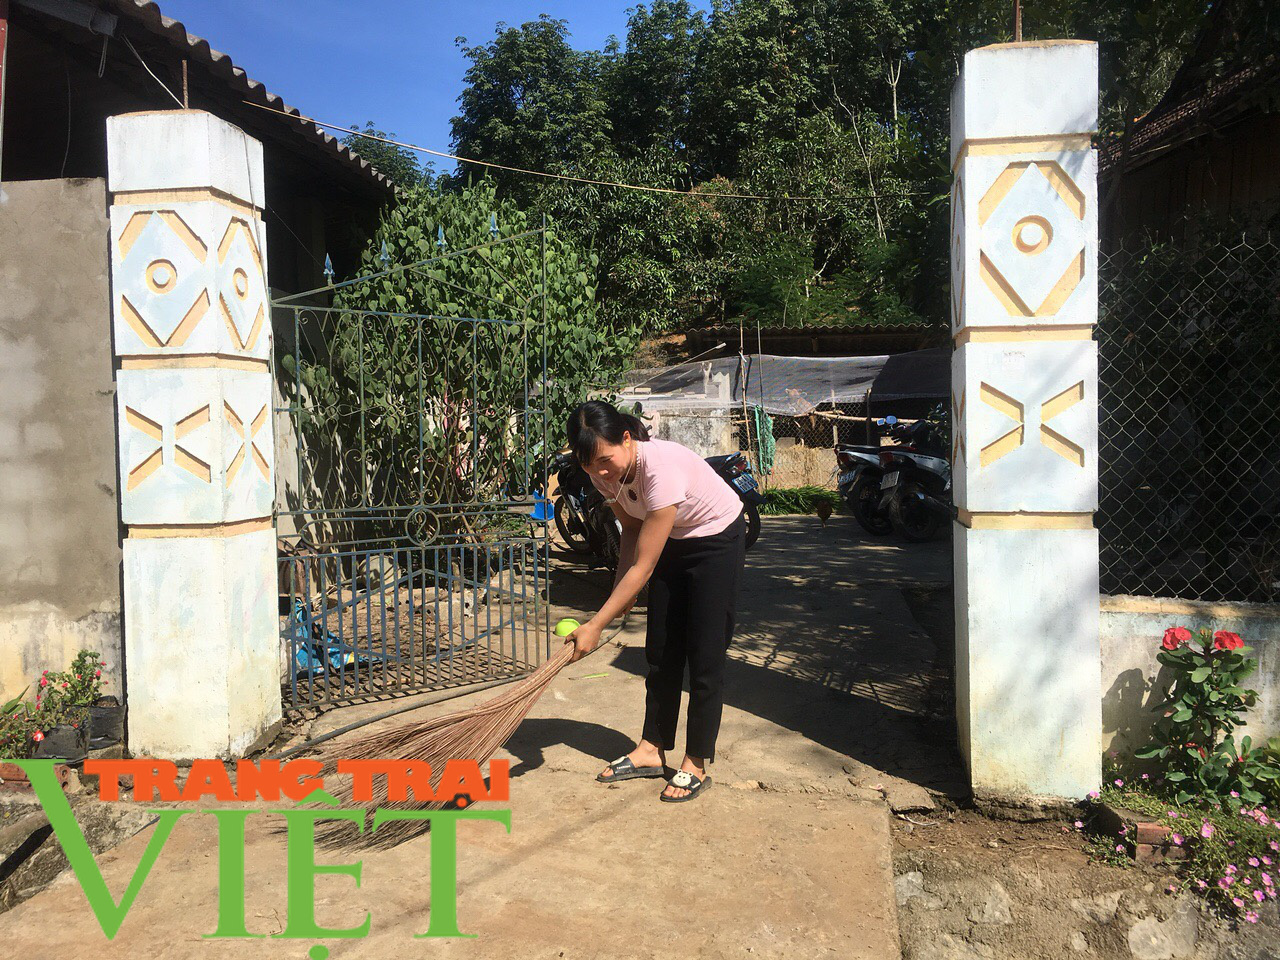 Hội Nông dân Mai Sơn: Huy động hội viên góp công, góp sức xây dựng nông thôn mới - Ảnh 2.